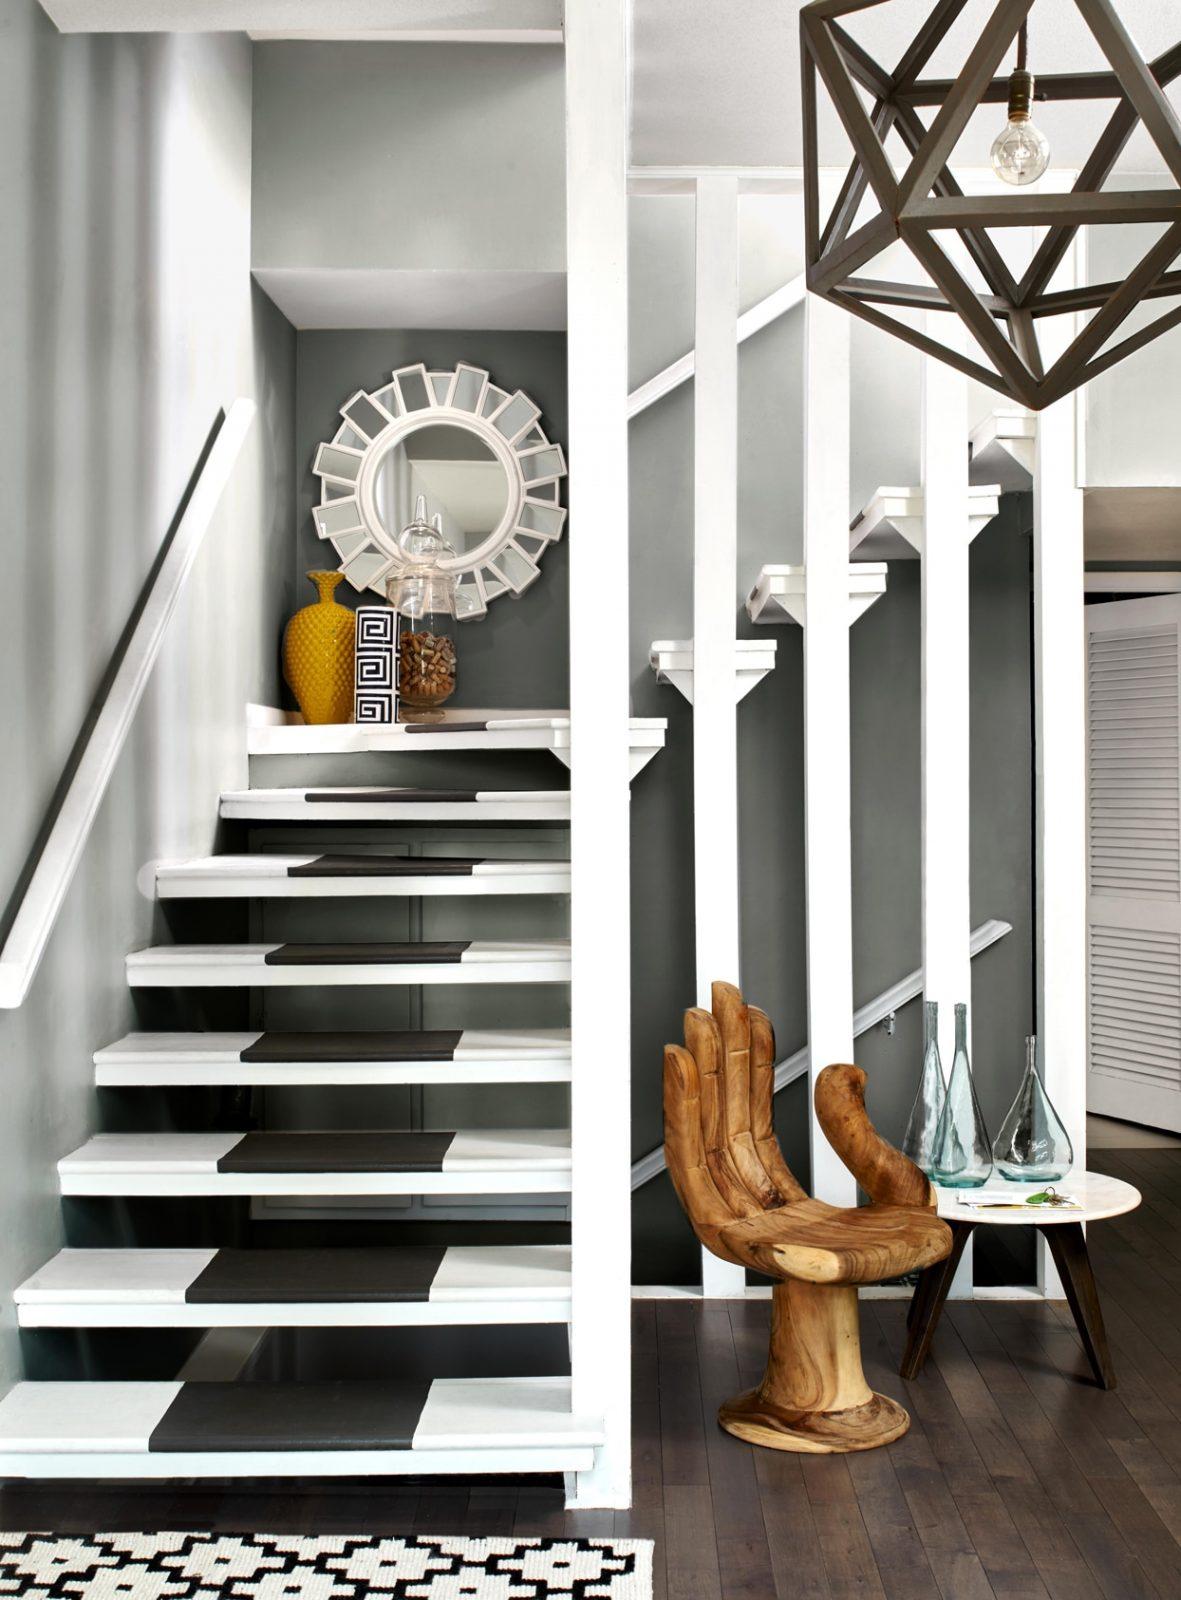 интерьер частного дома лестница фото